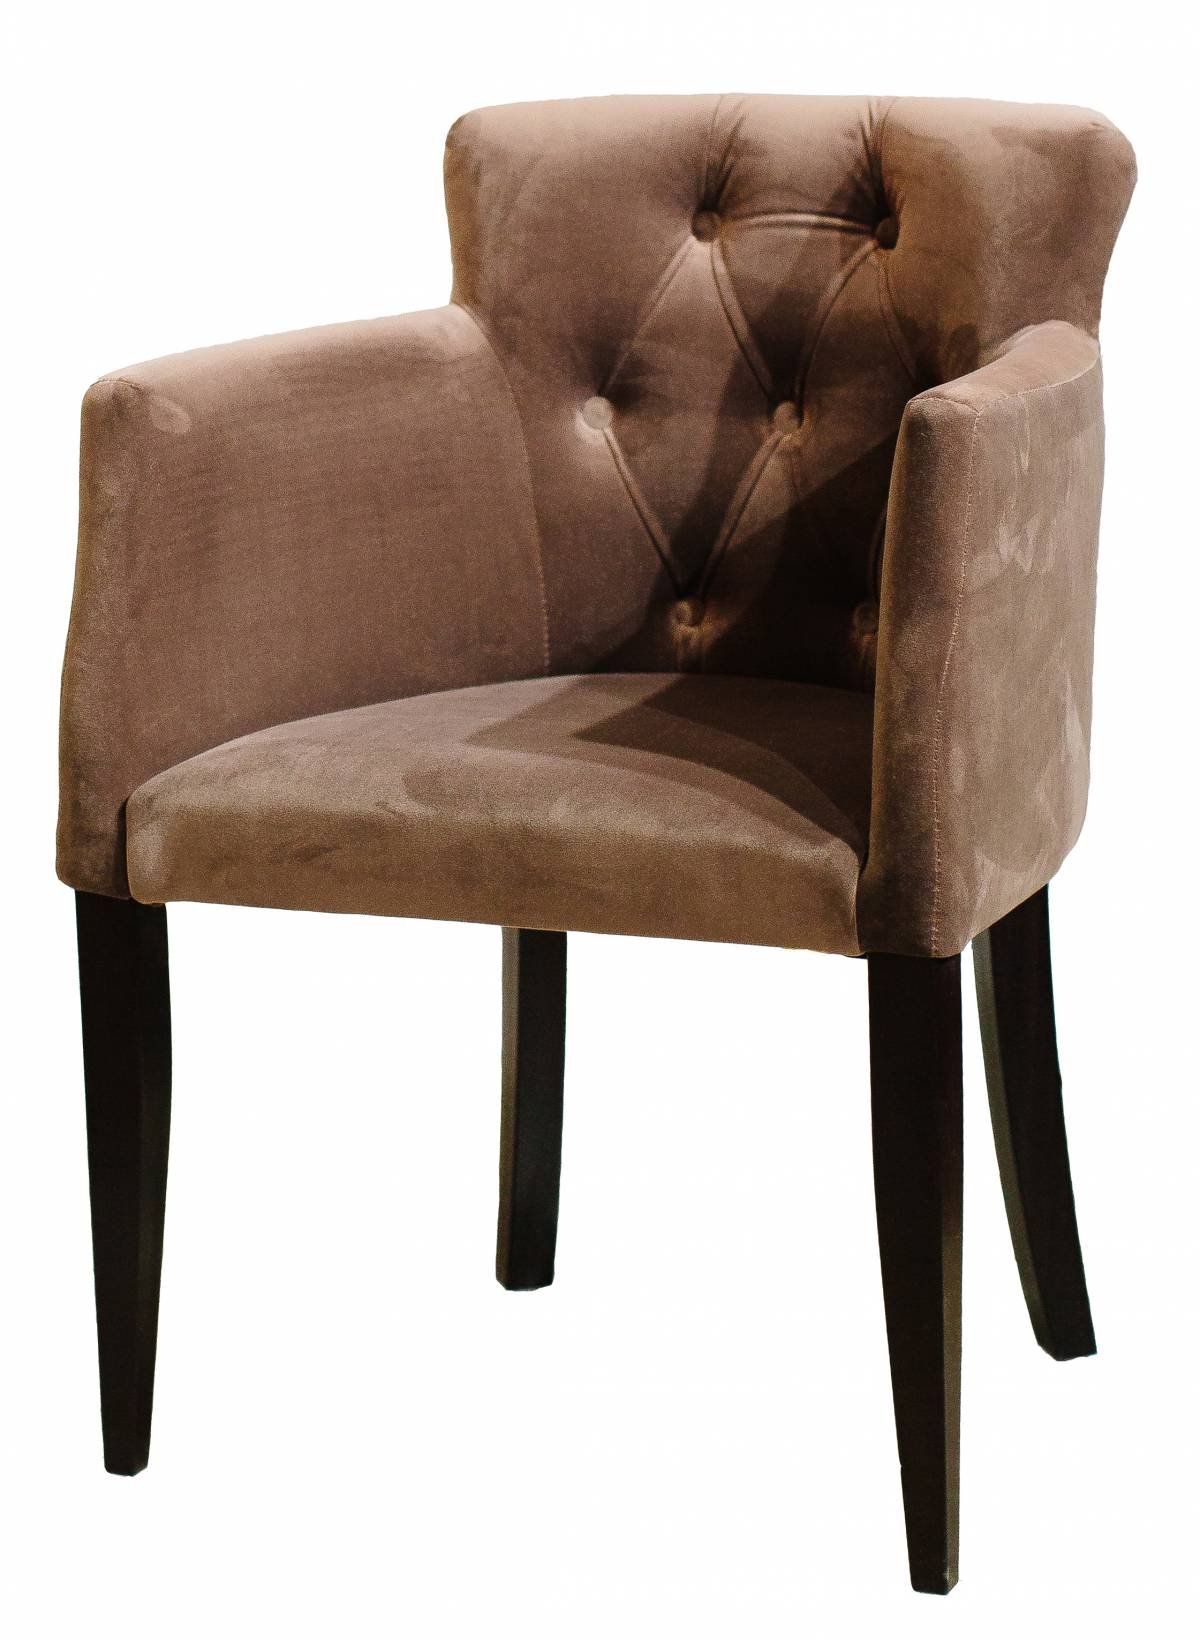 Купить кресло 591-А Алюр в Raroom